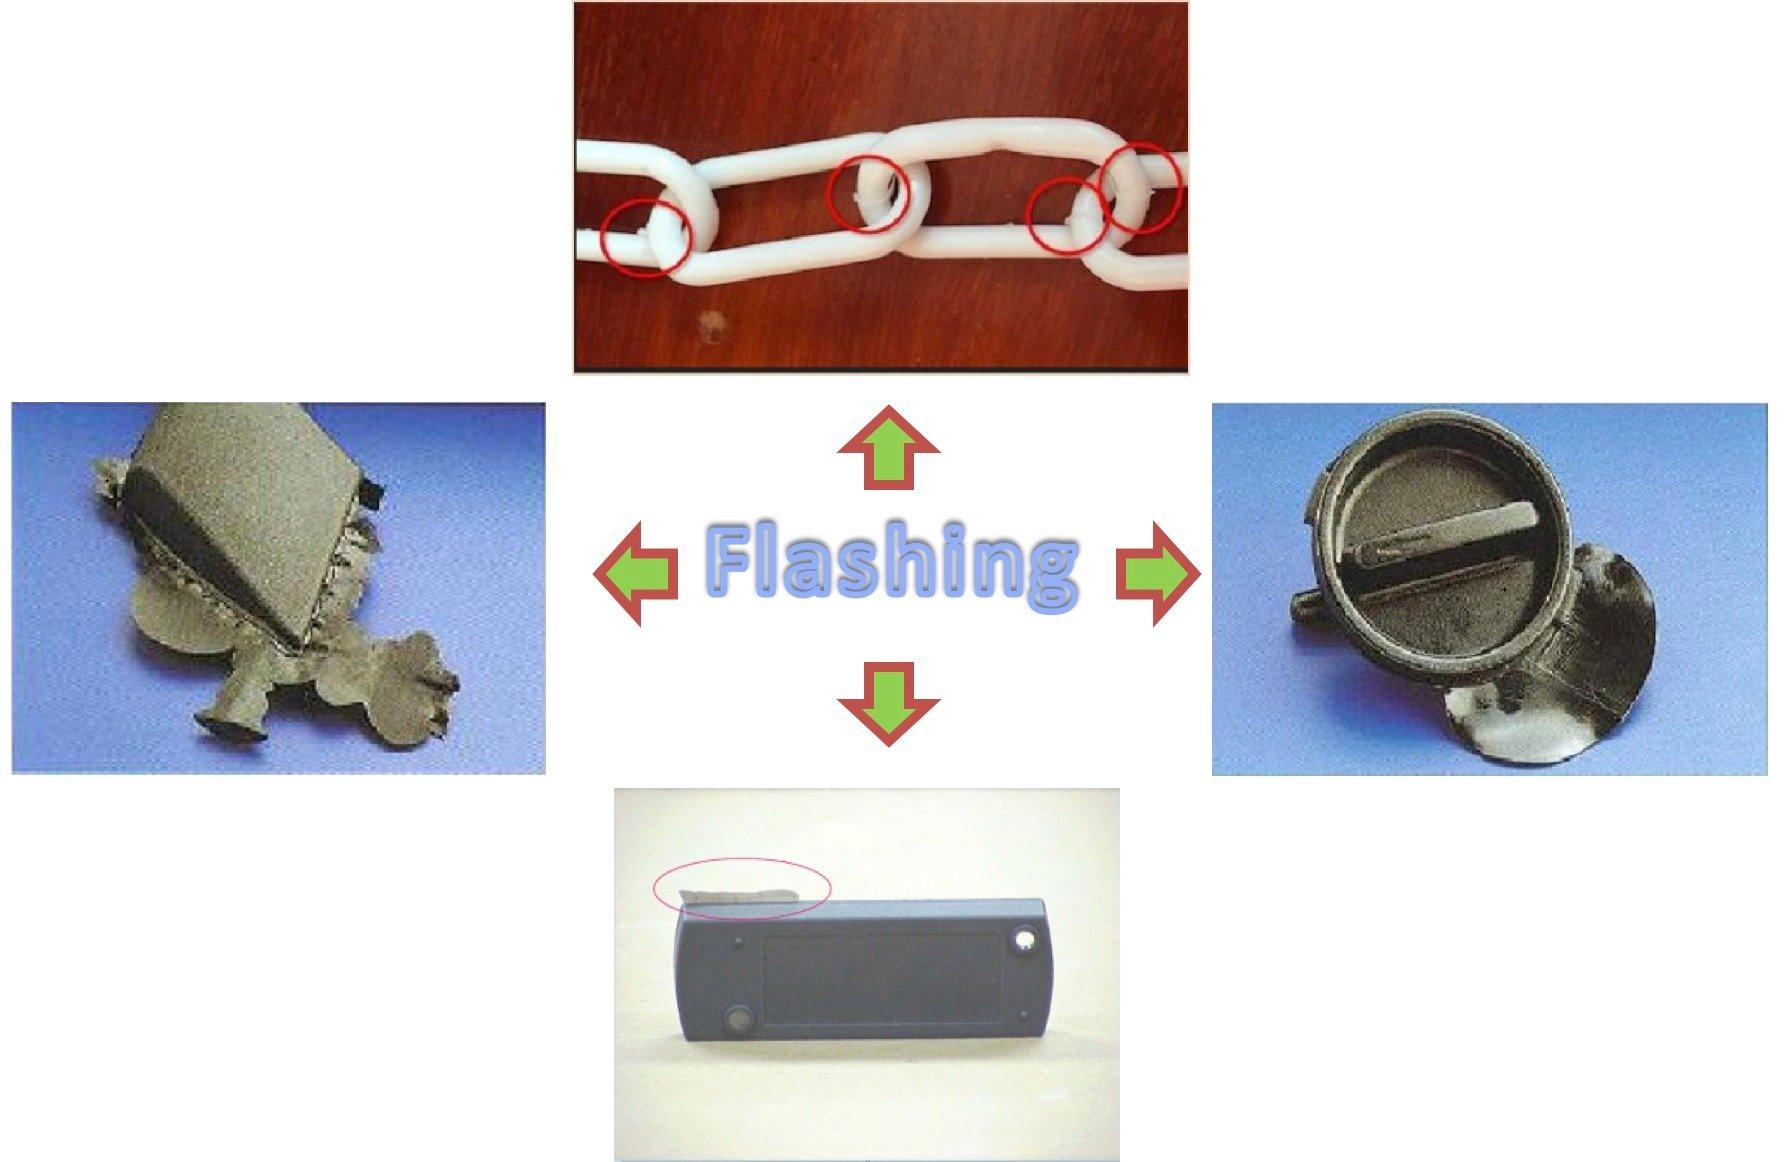 PCB Flashing example